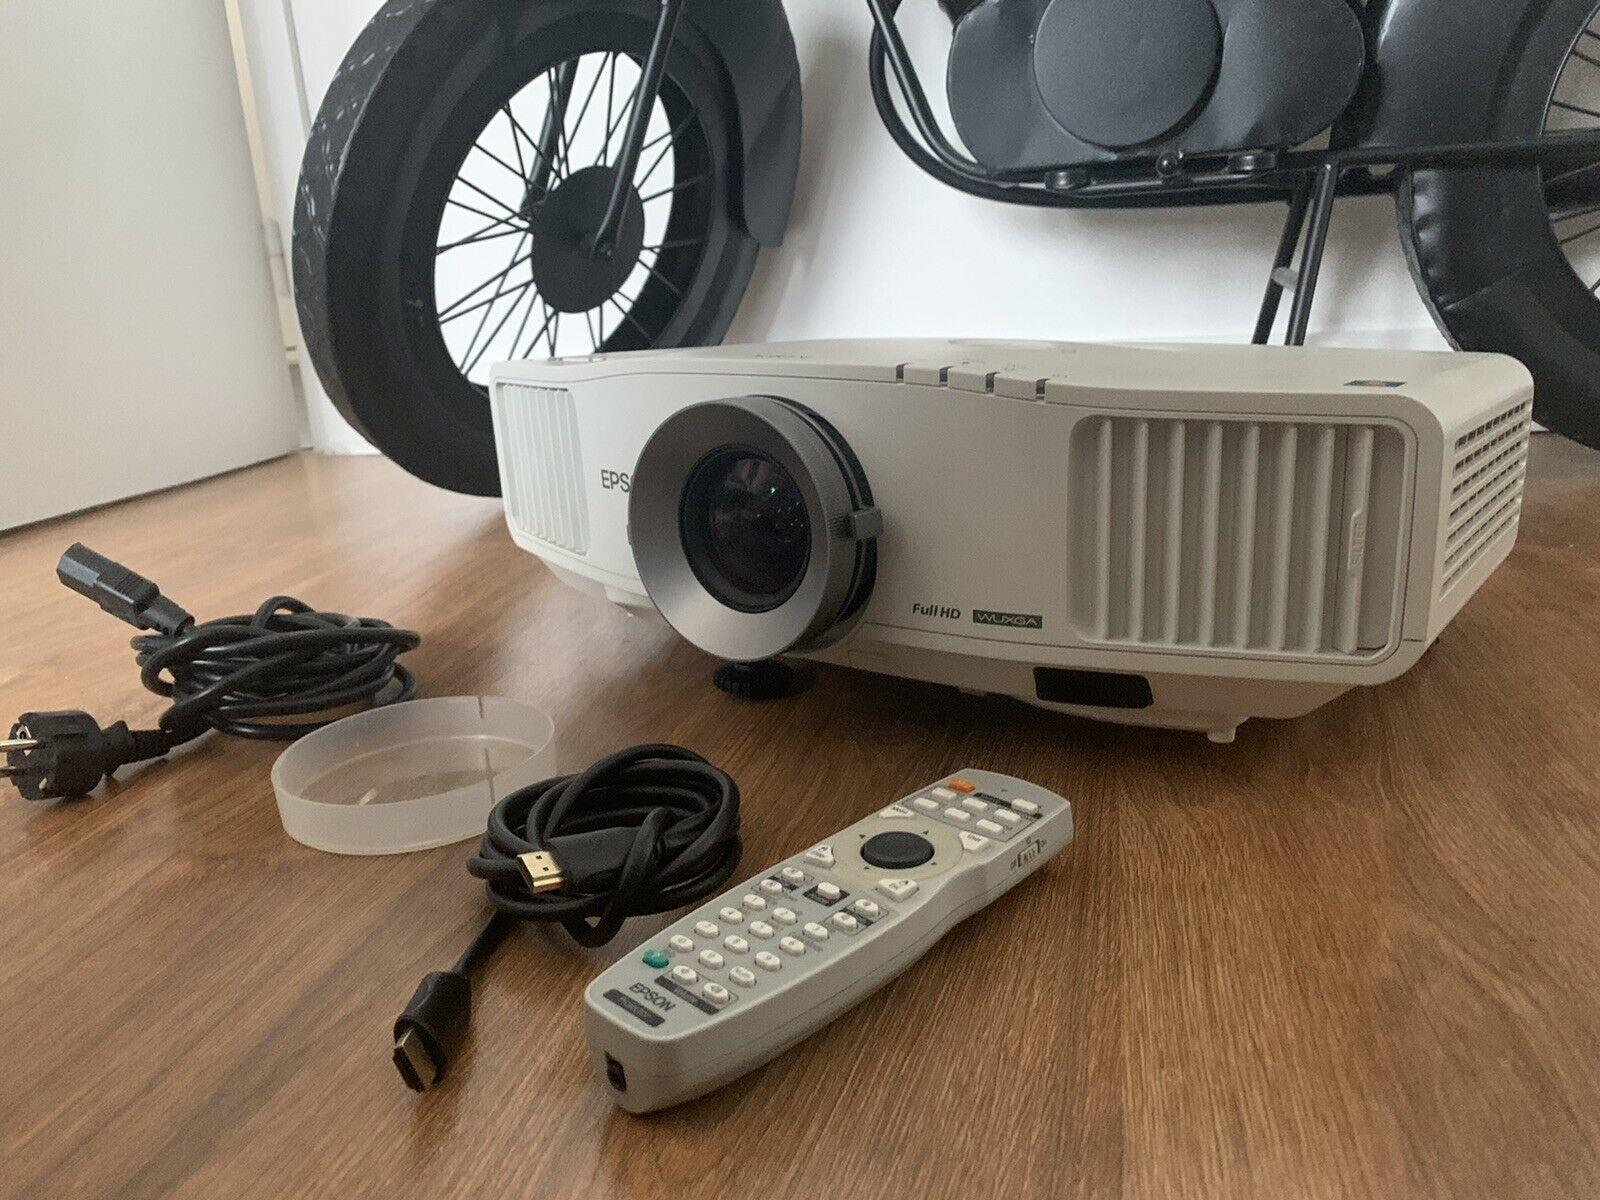 Vidéo projecteur epson eb-g5450wu vidéoprojecteur 3lcd wuxga 4000 lumens